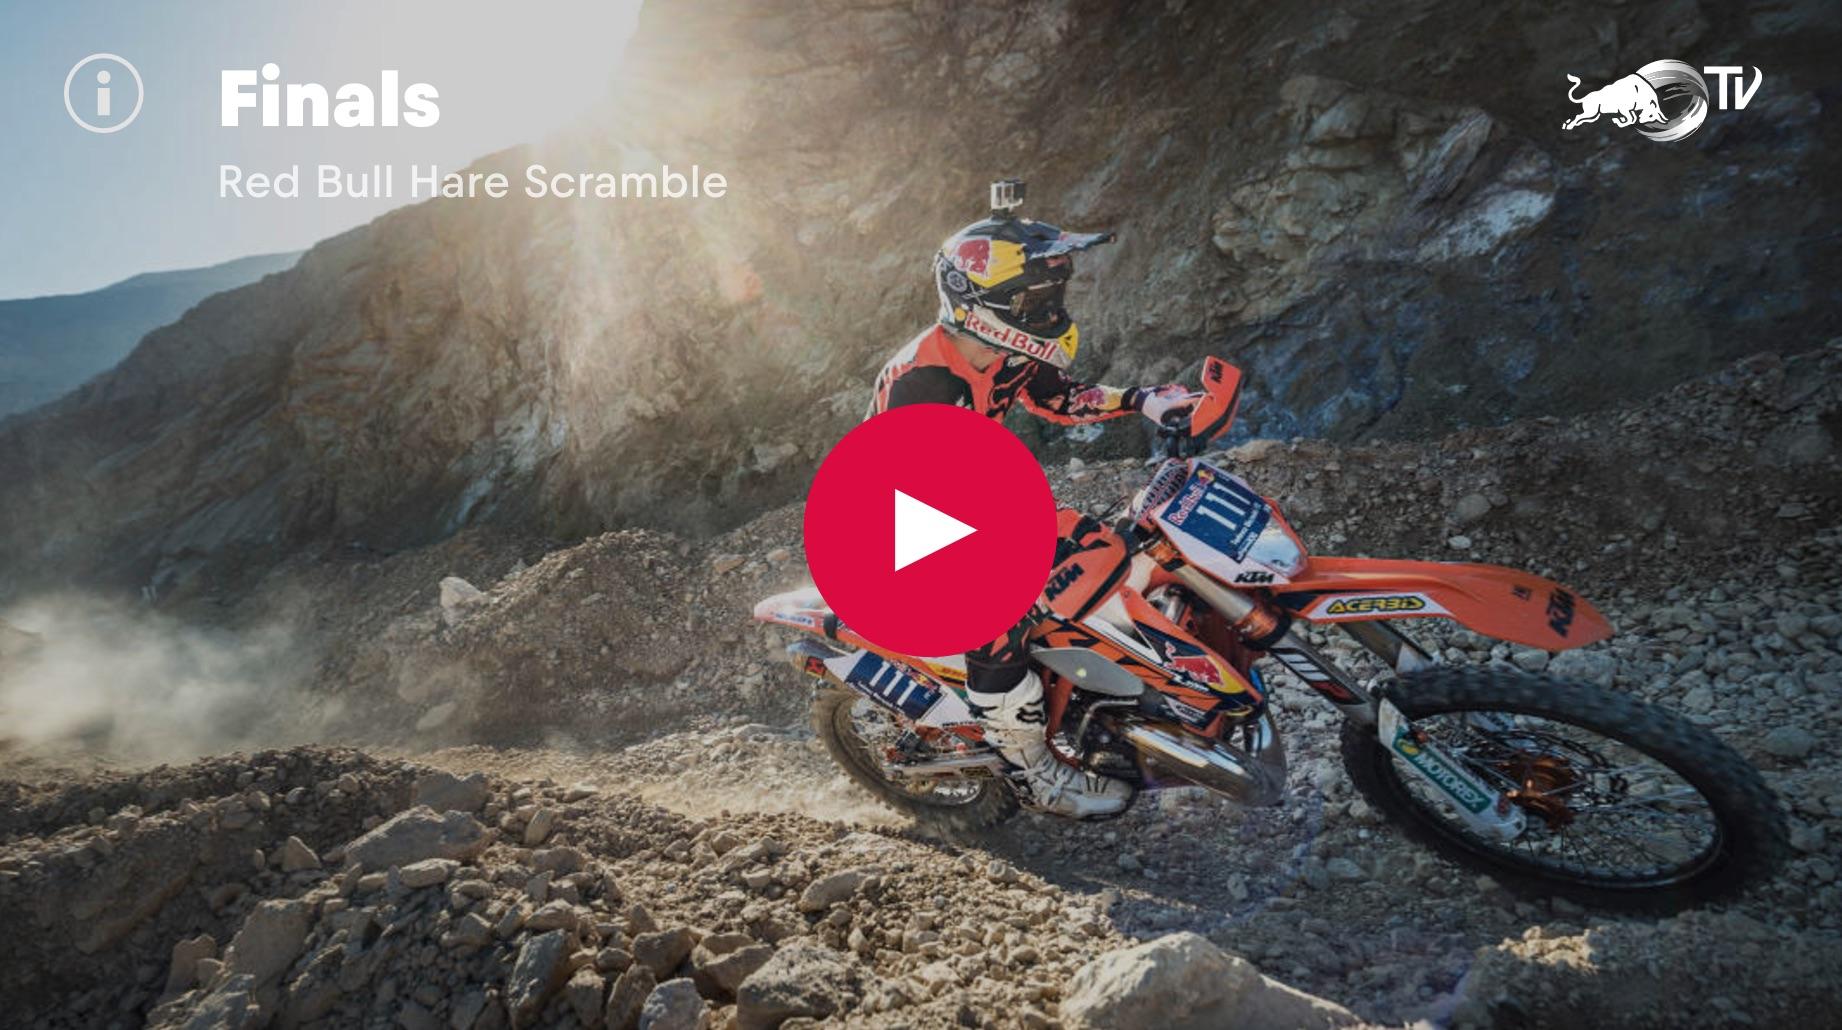 ErzbergRodeo 2017 en directo, sigue aquí la Red Bull Hare Scramble